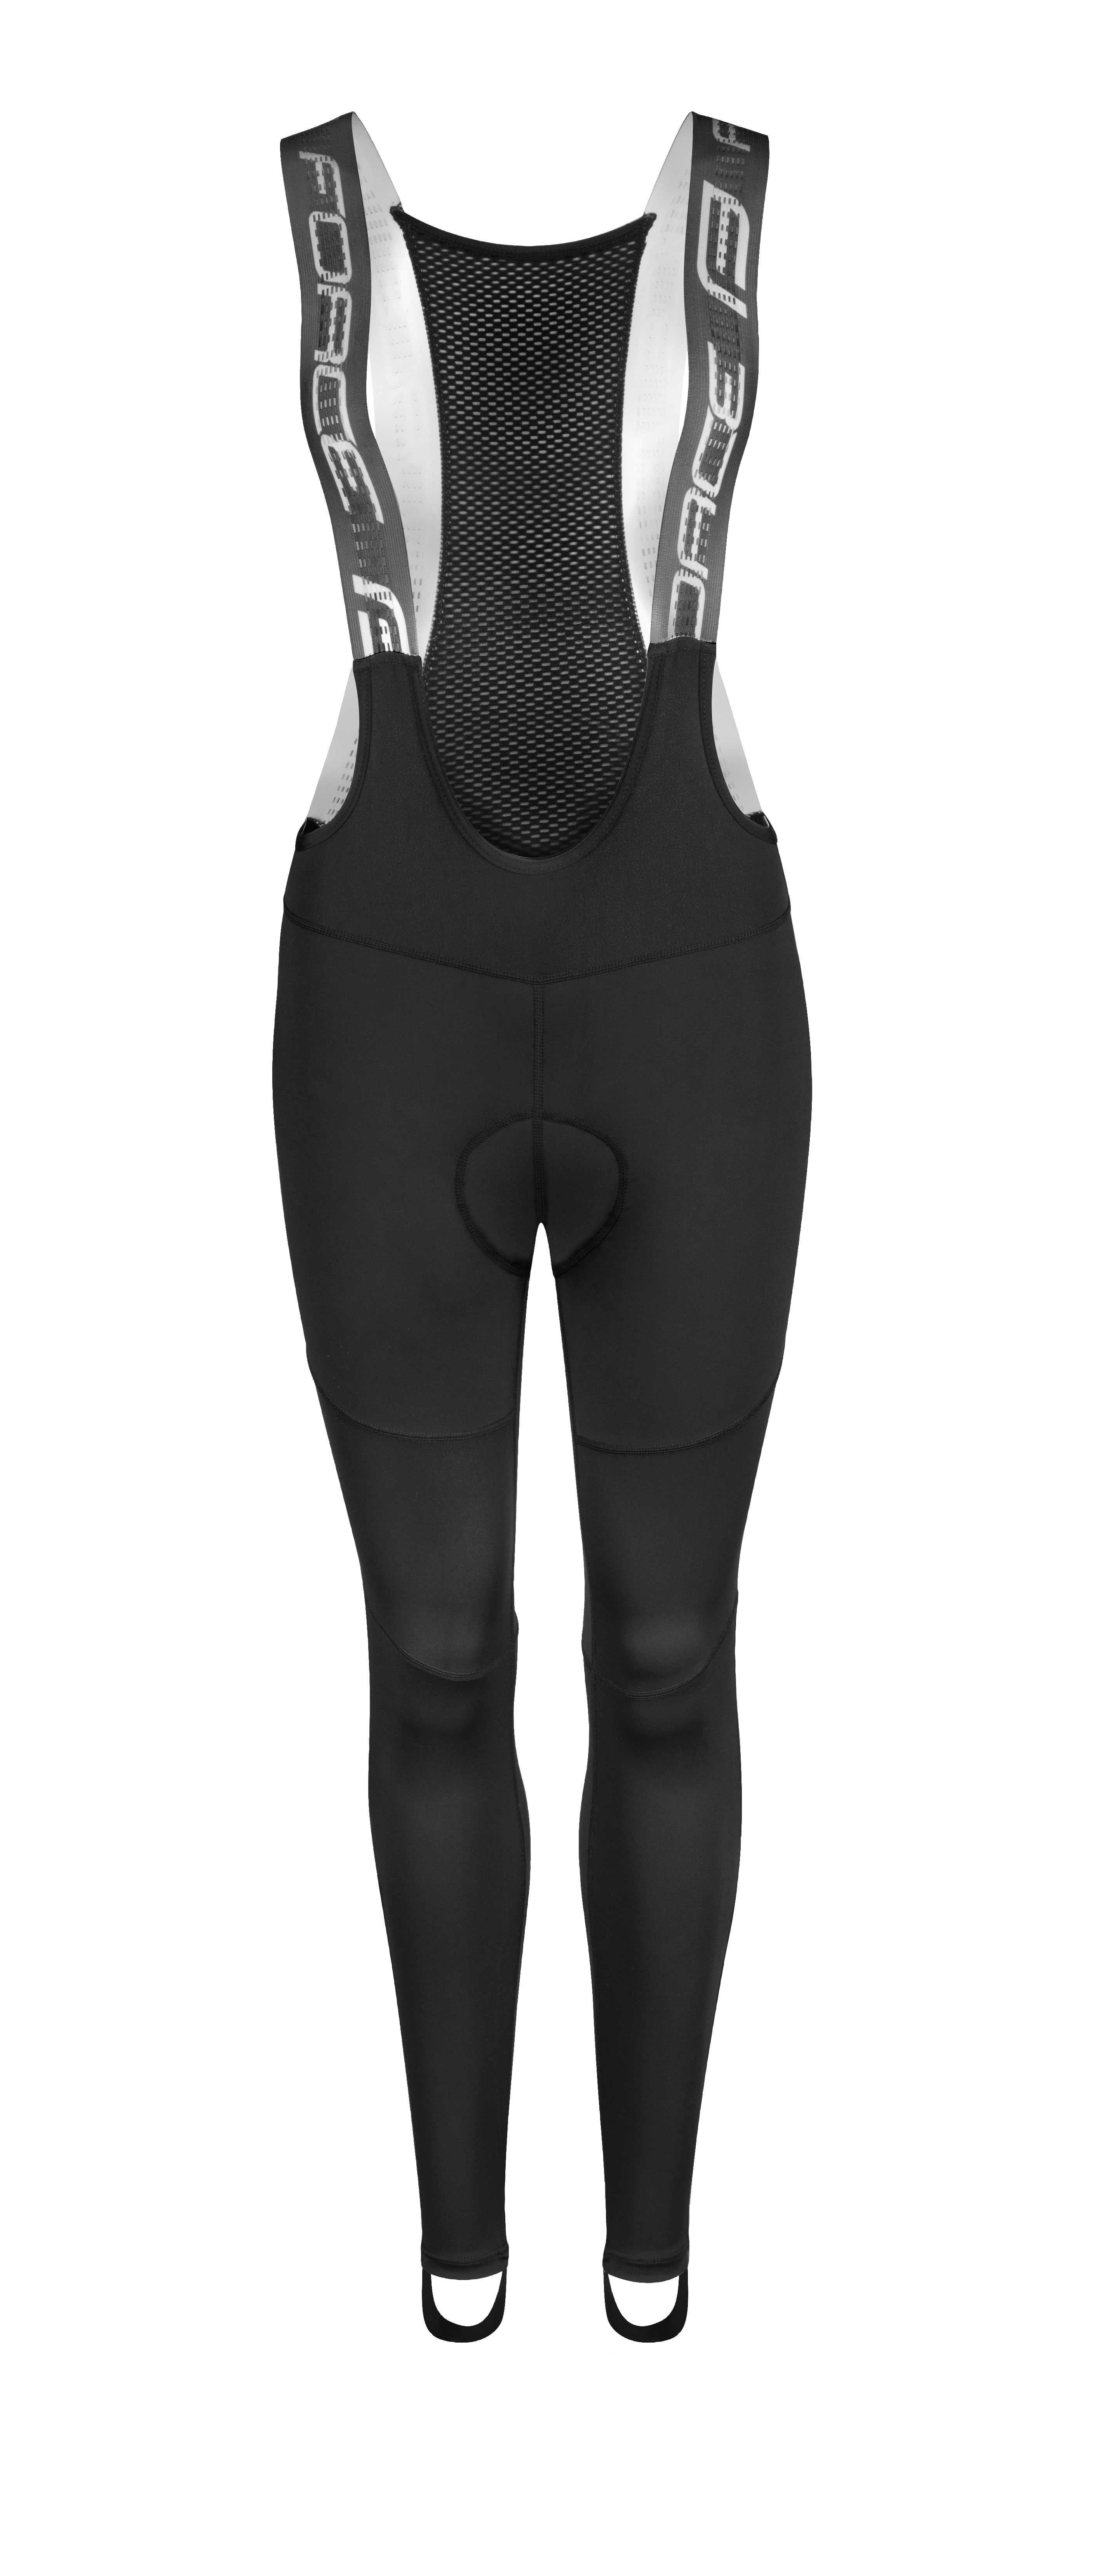 kalhoty F SPRING LADY se šráky a vl, černé XL